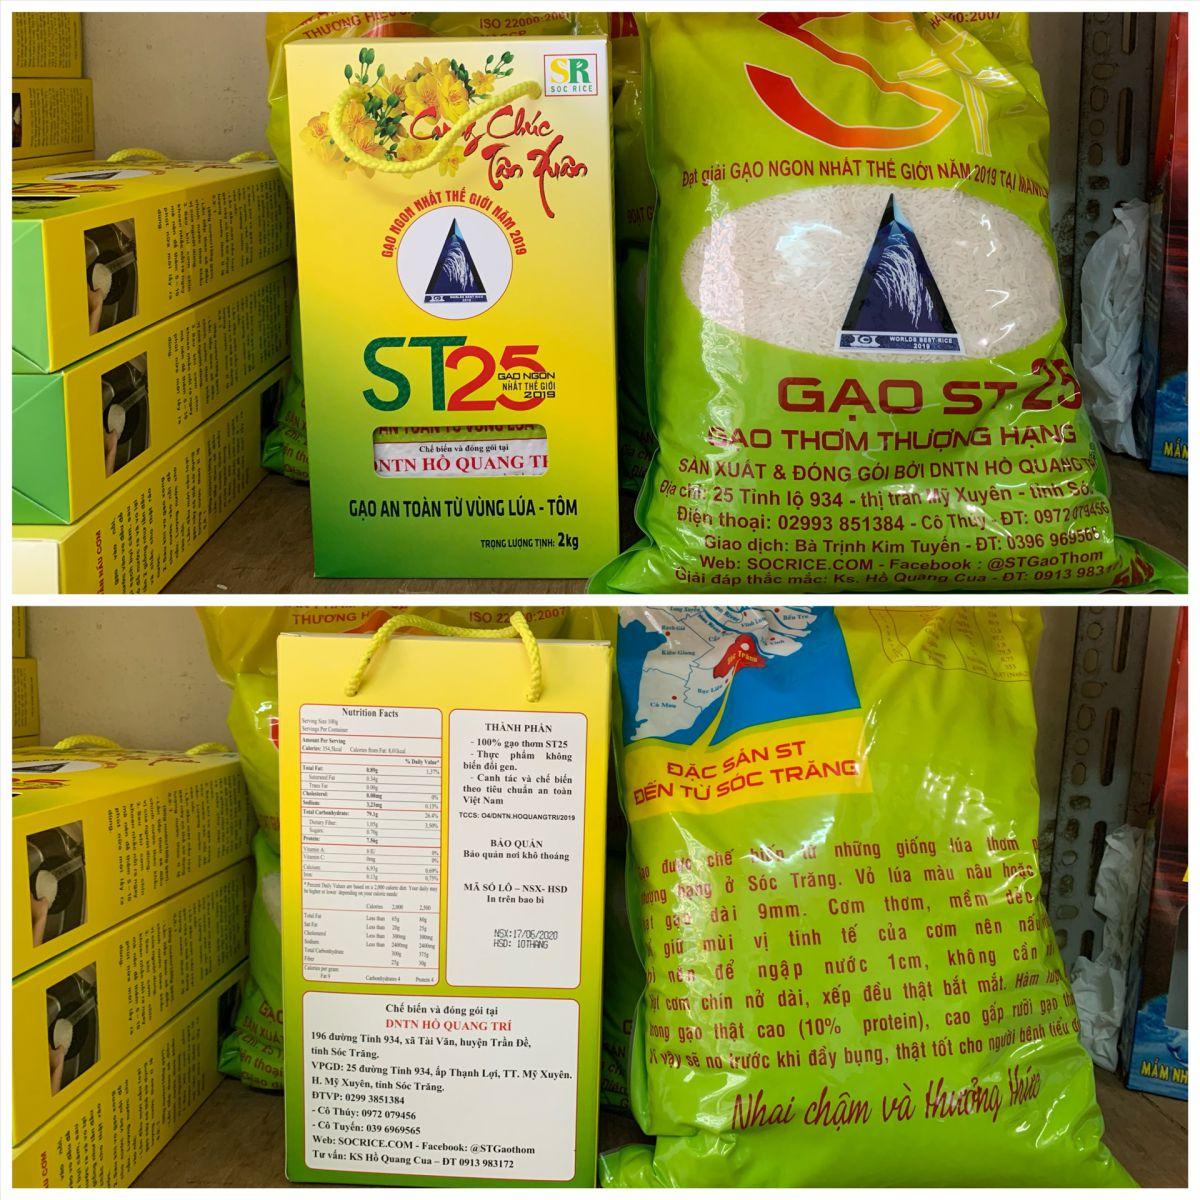 Bao bì gạo ST25 chính hãng